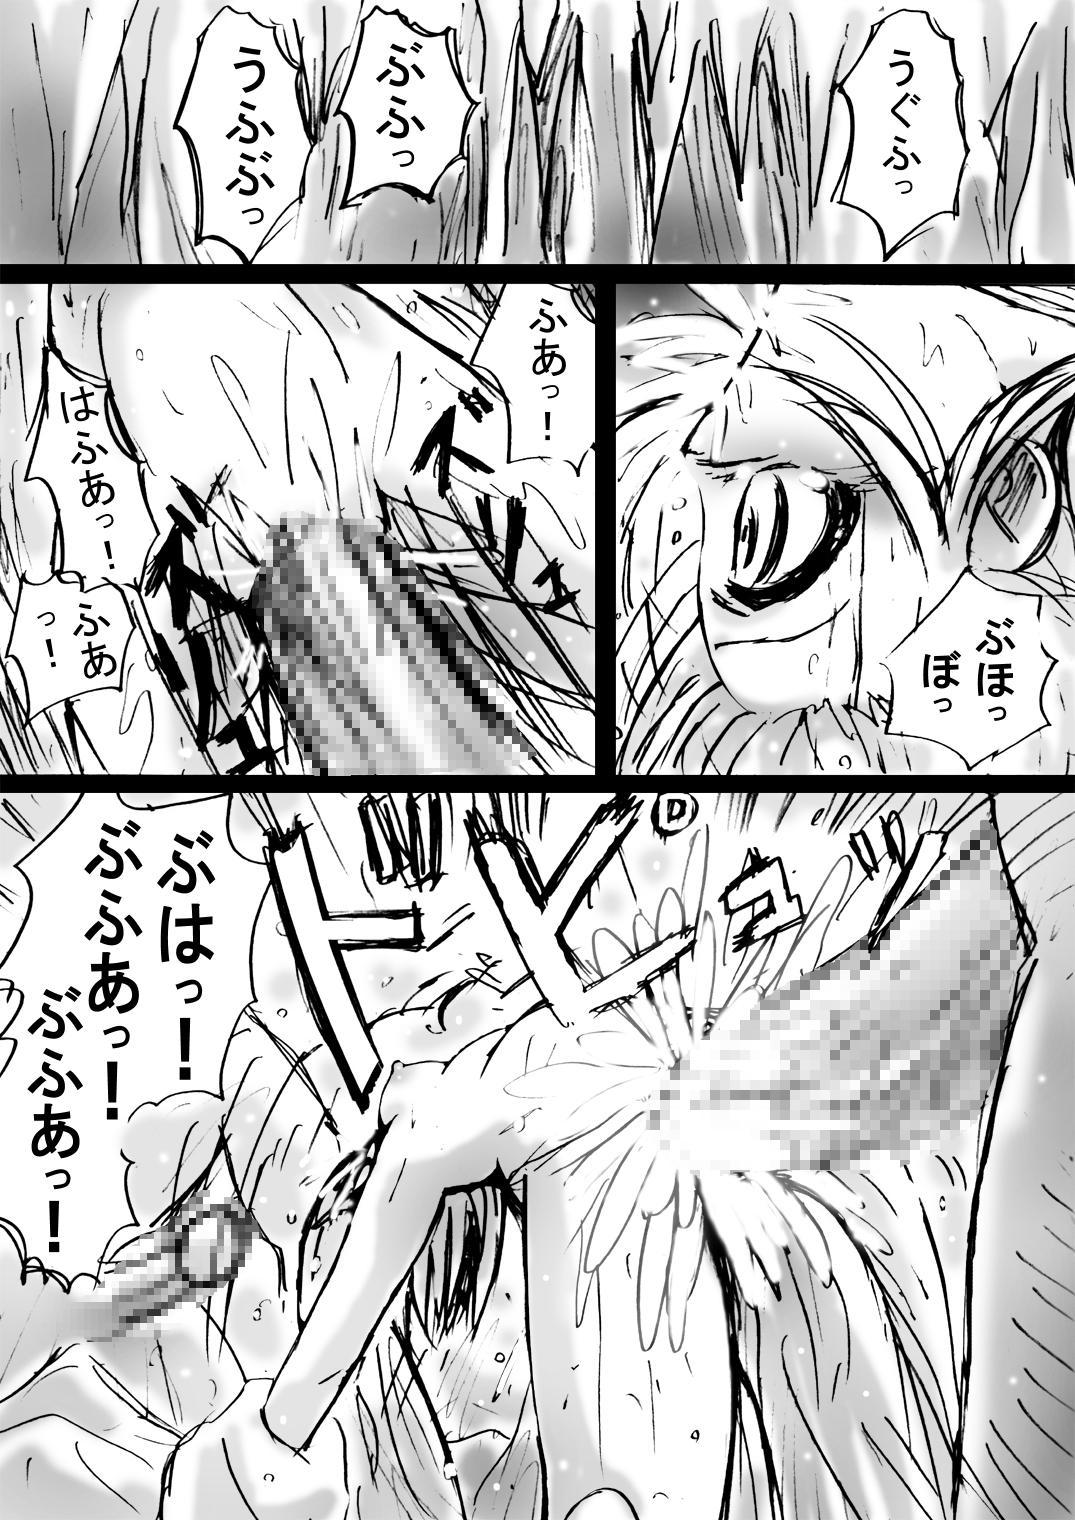 [Dende] Fushigi Sekai -Mystery World- Nonoha 5 ~Jokuma no Kyouniku no Tainai Shinshoku~ 130